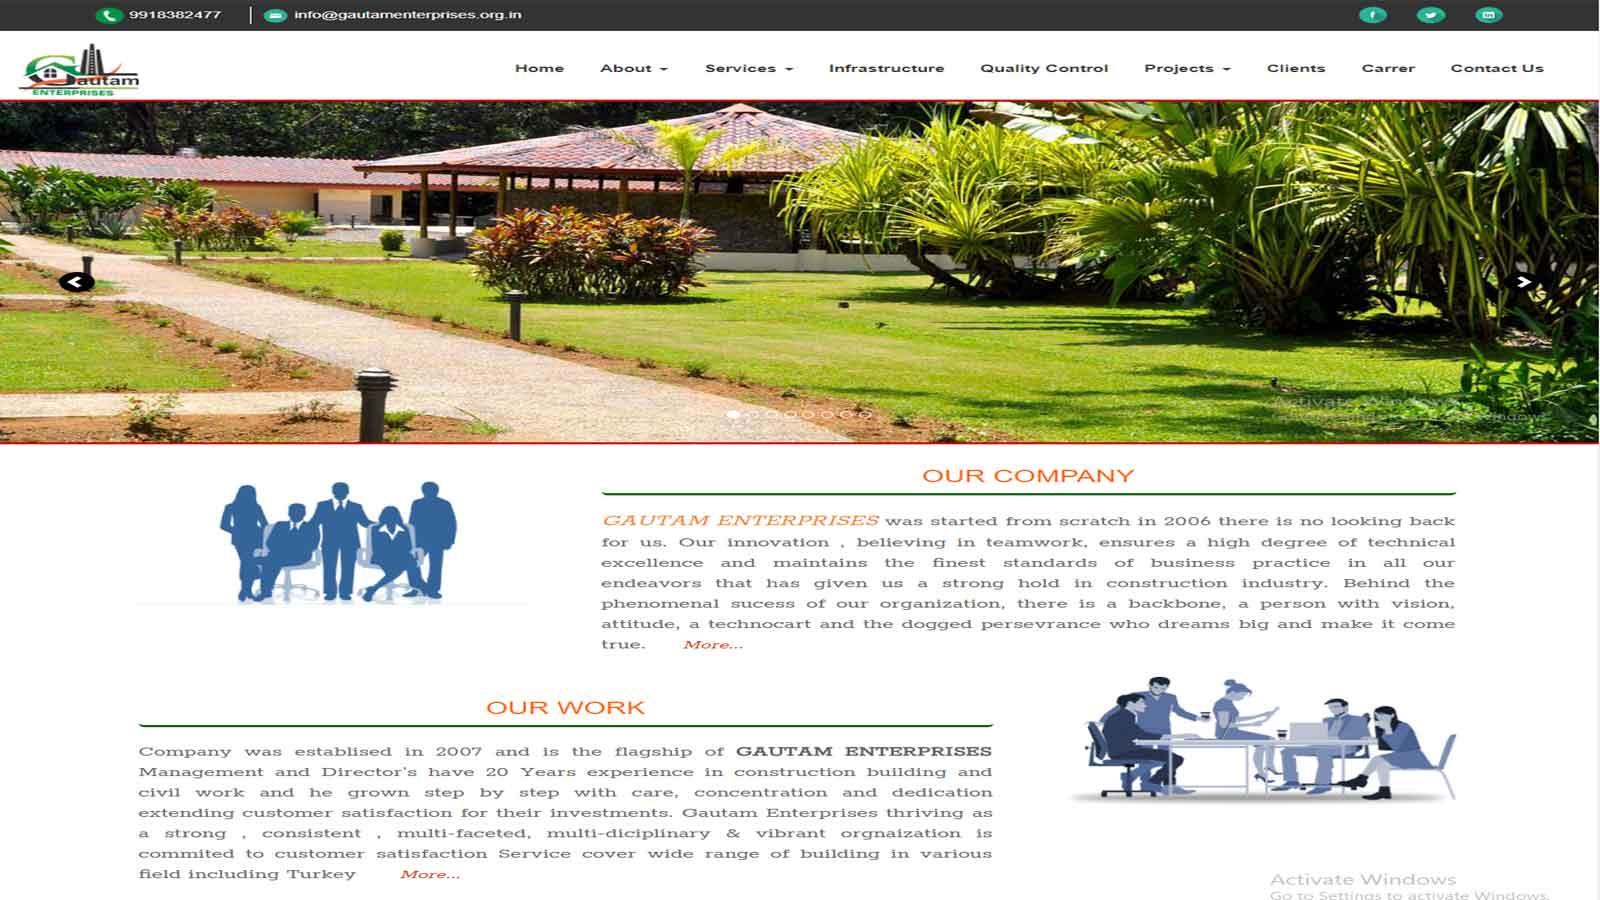 Gautam Enterprises